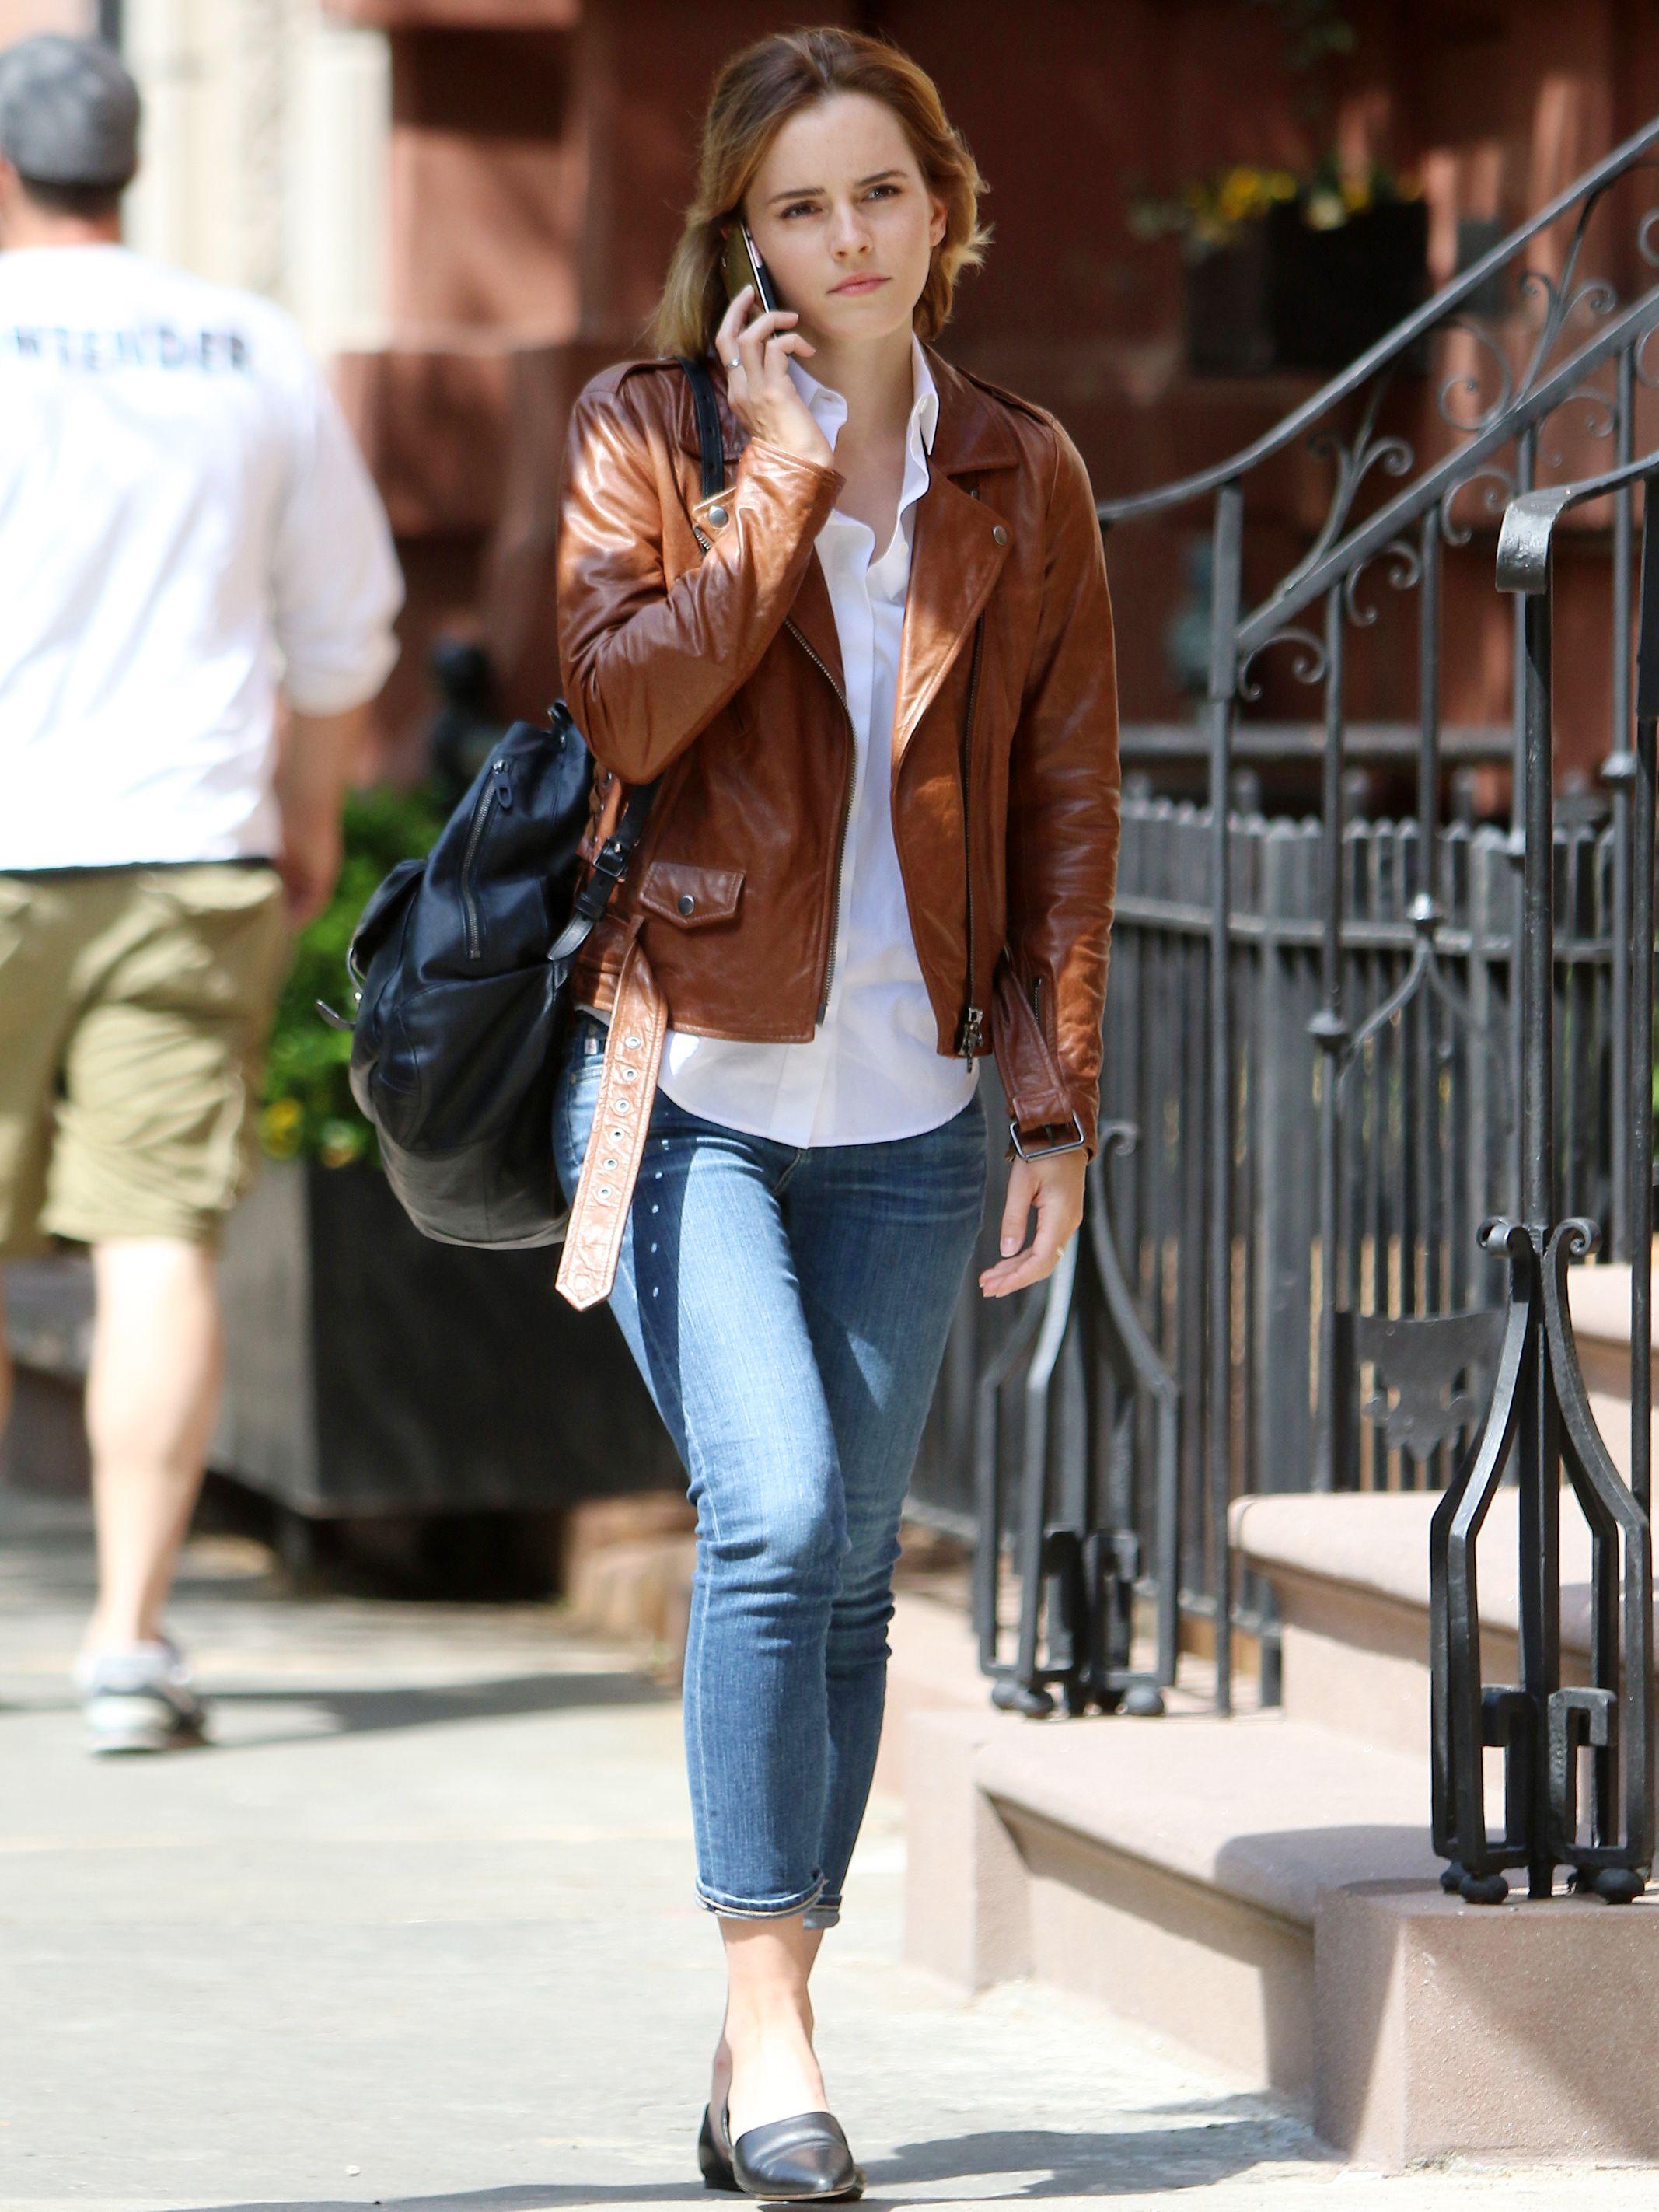 Emma Watson Greets Spring S Breezy Weather In The Perfect Leather Jacket Emma Watson Stil Lederjacke Emma Watson Lassig [ 2845 x 2134 Pixel ]